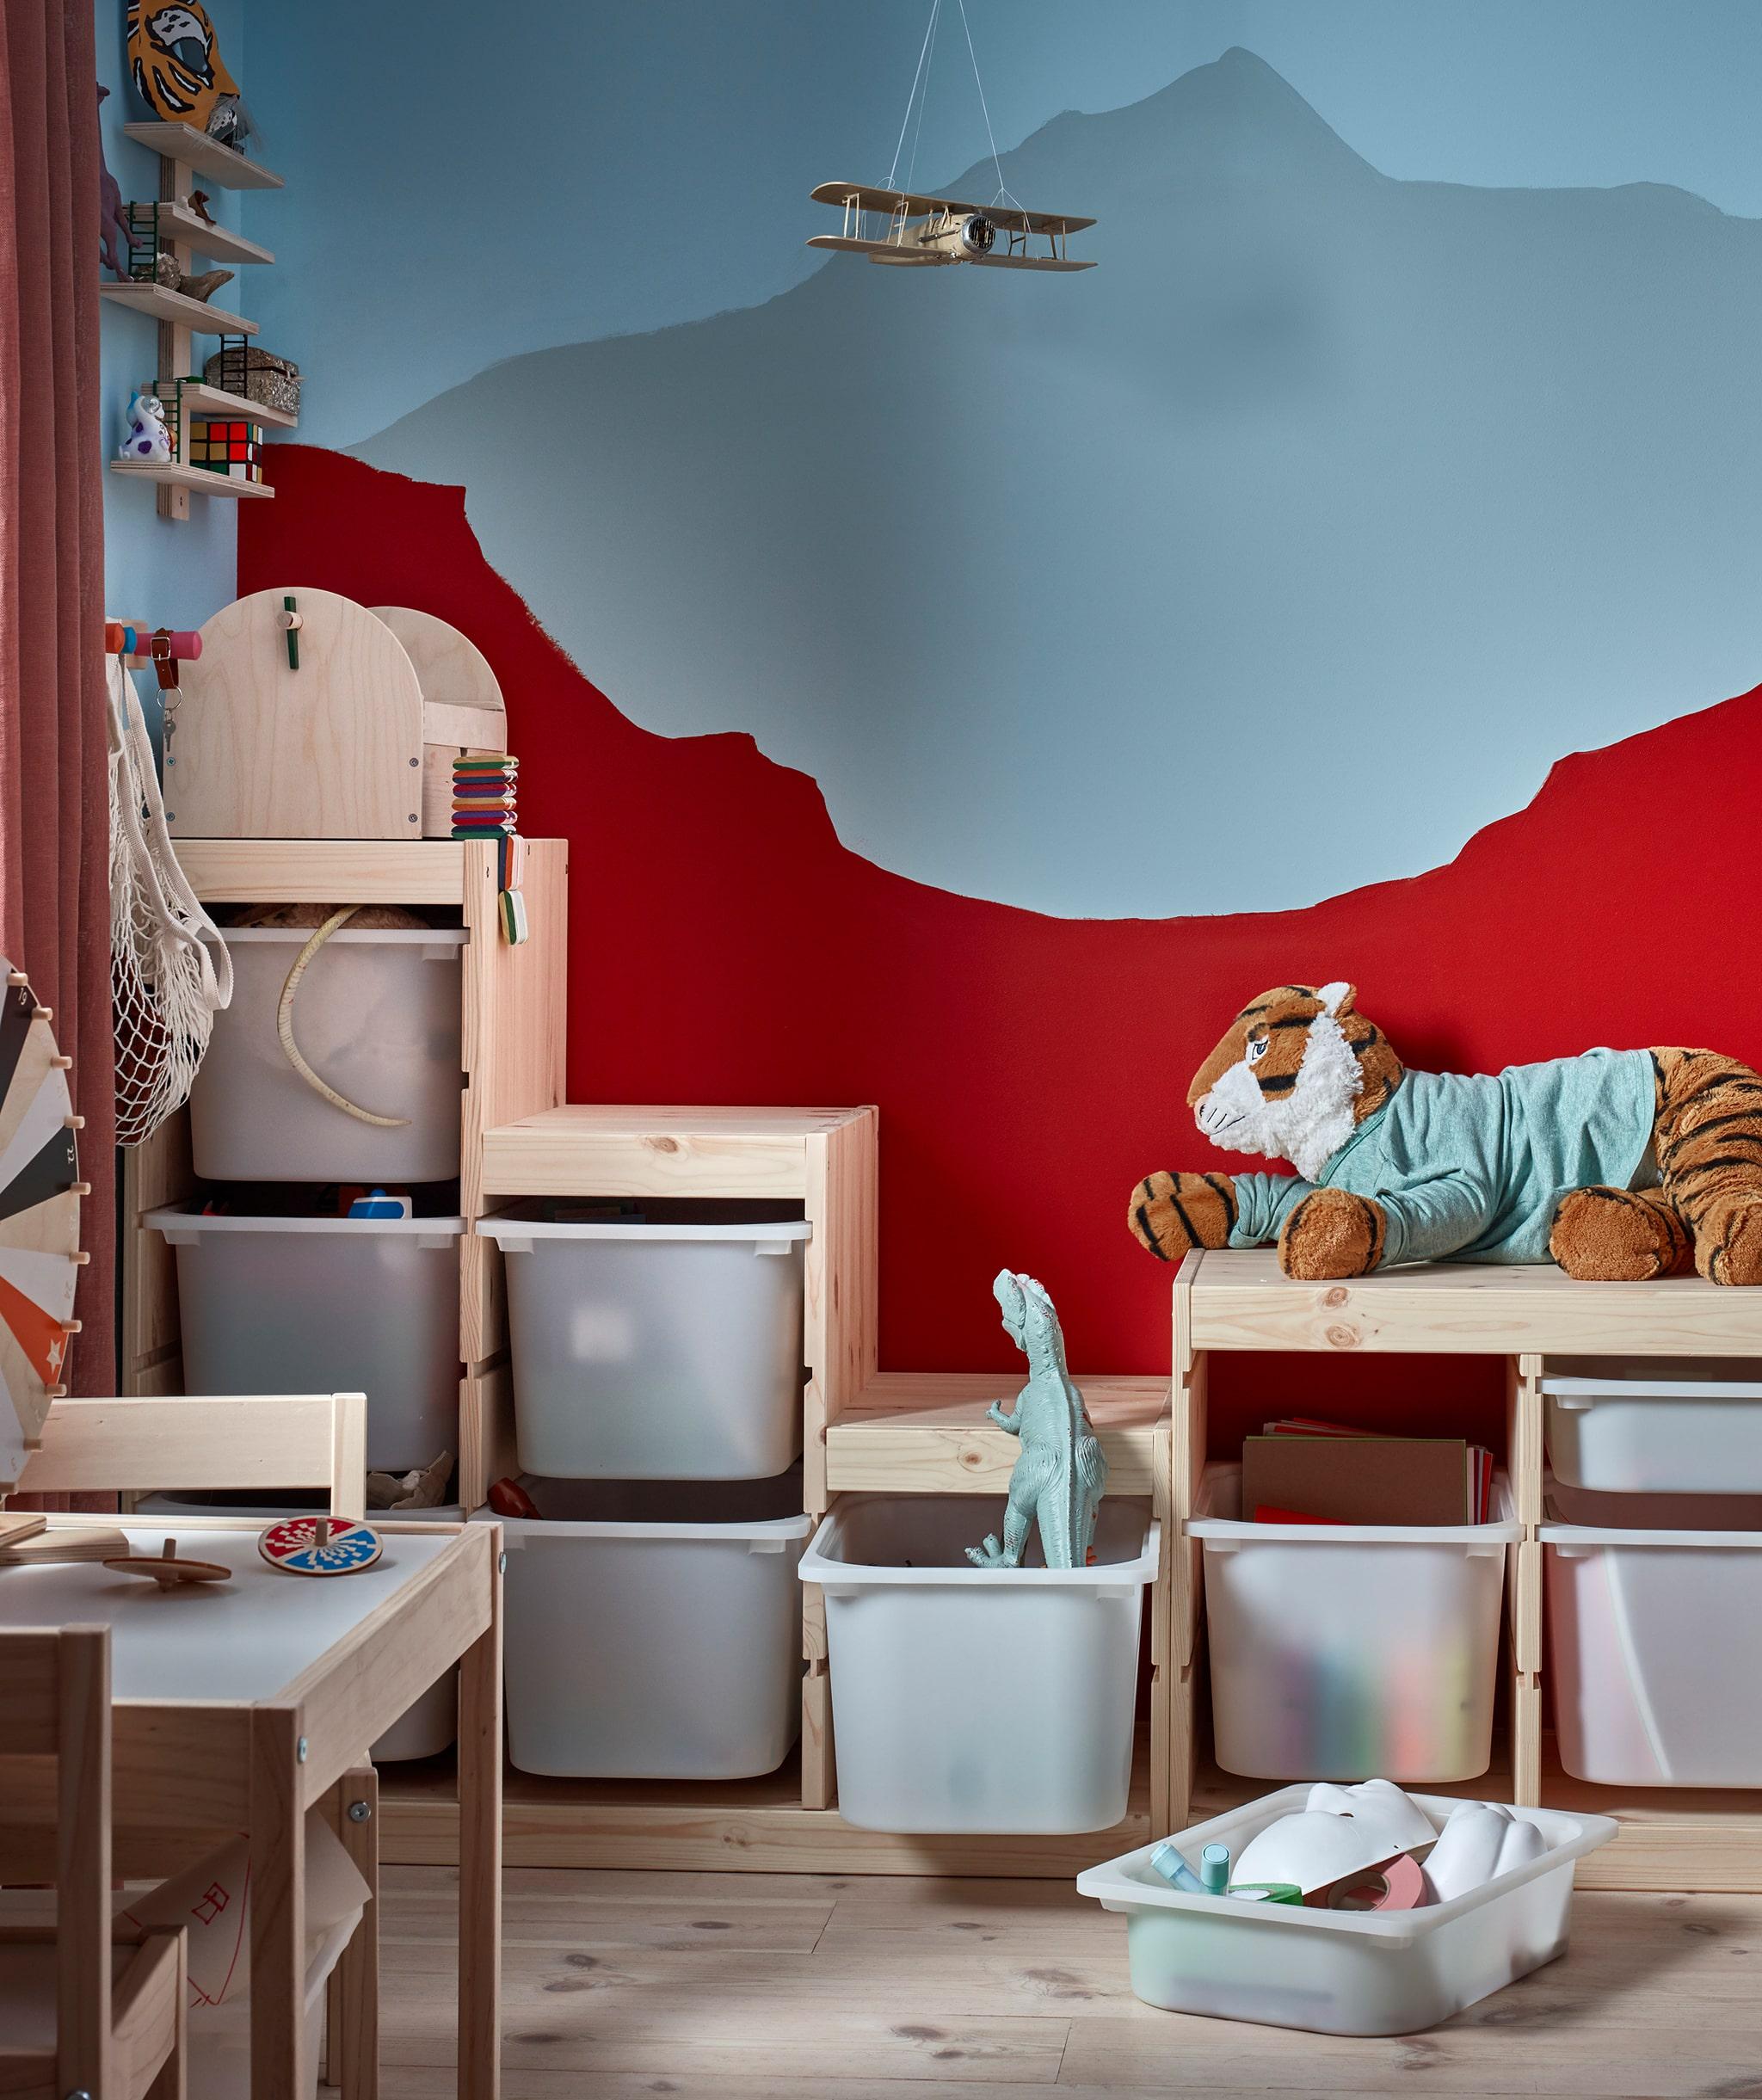 Sudut kamar anak di mana unit rak penuh mainan sengaja ditata tidak beraturan cocok dengan pewarnaan dinding di belakangnya.